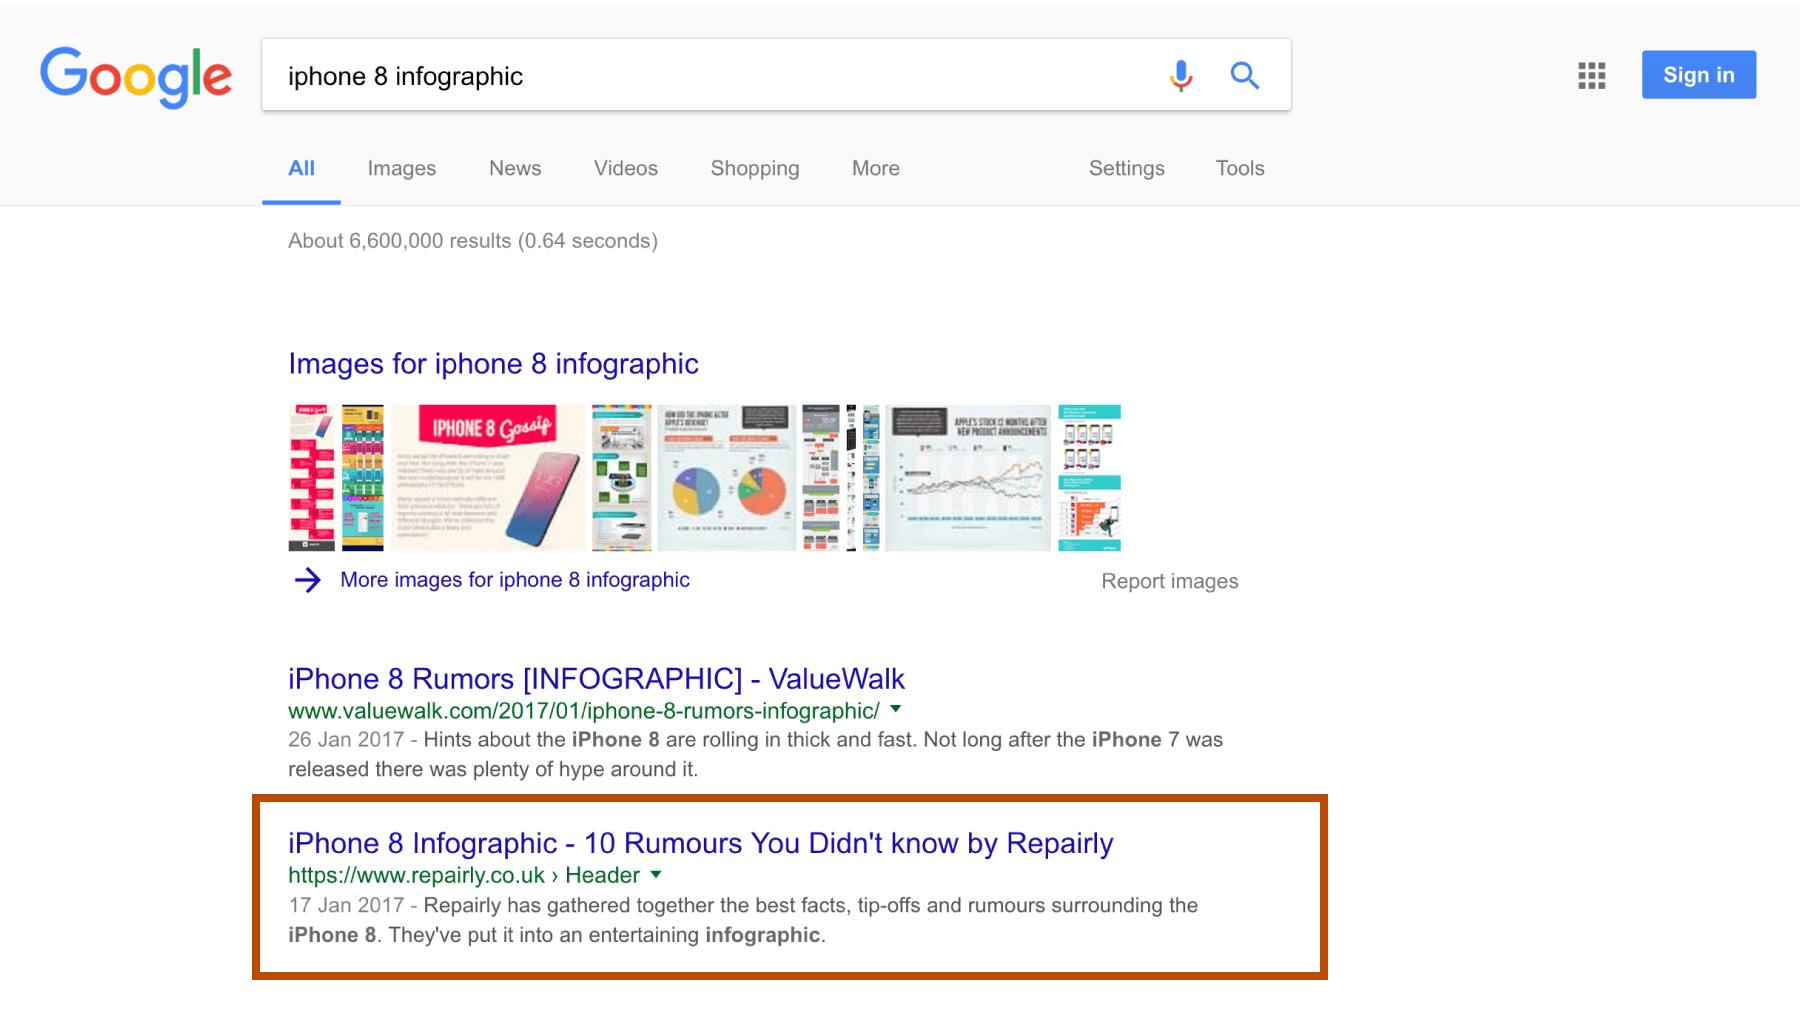 kết quả trên máy tìm kiếm